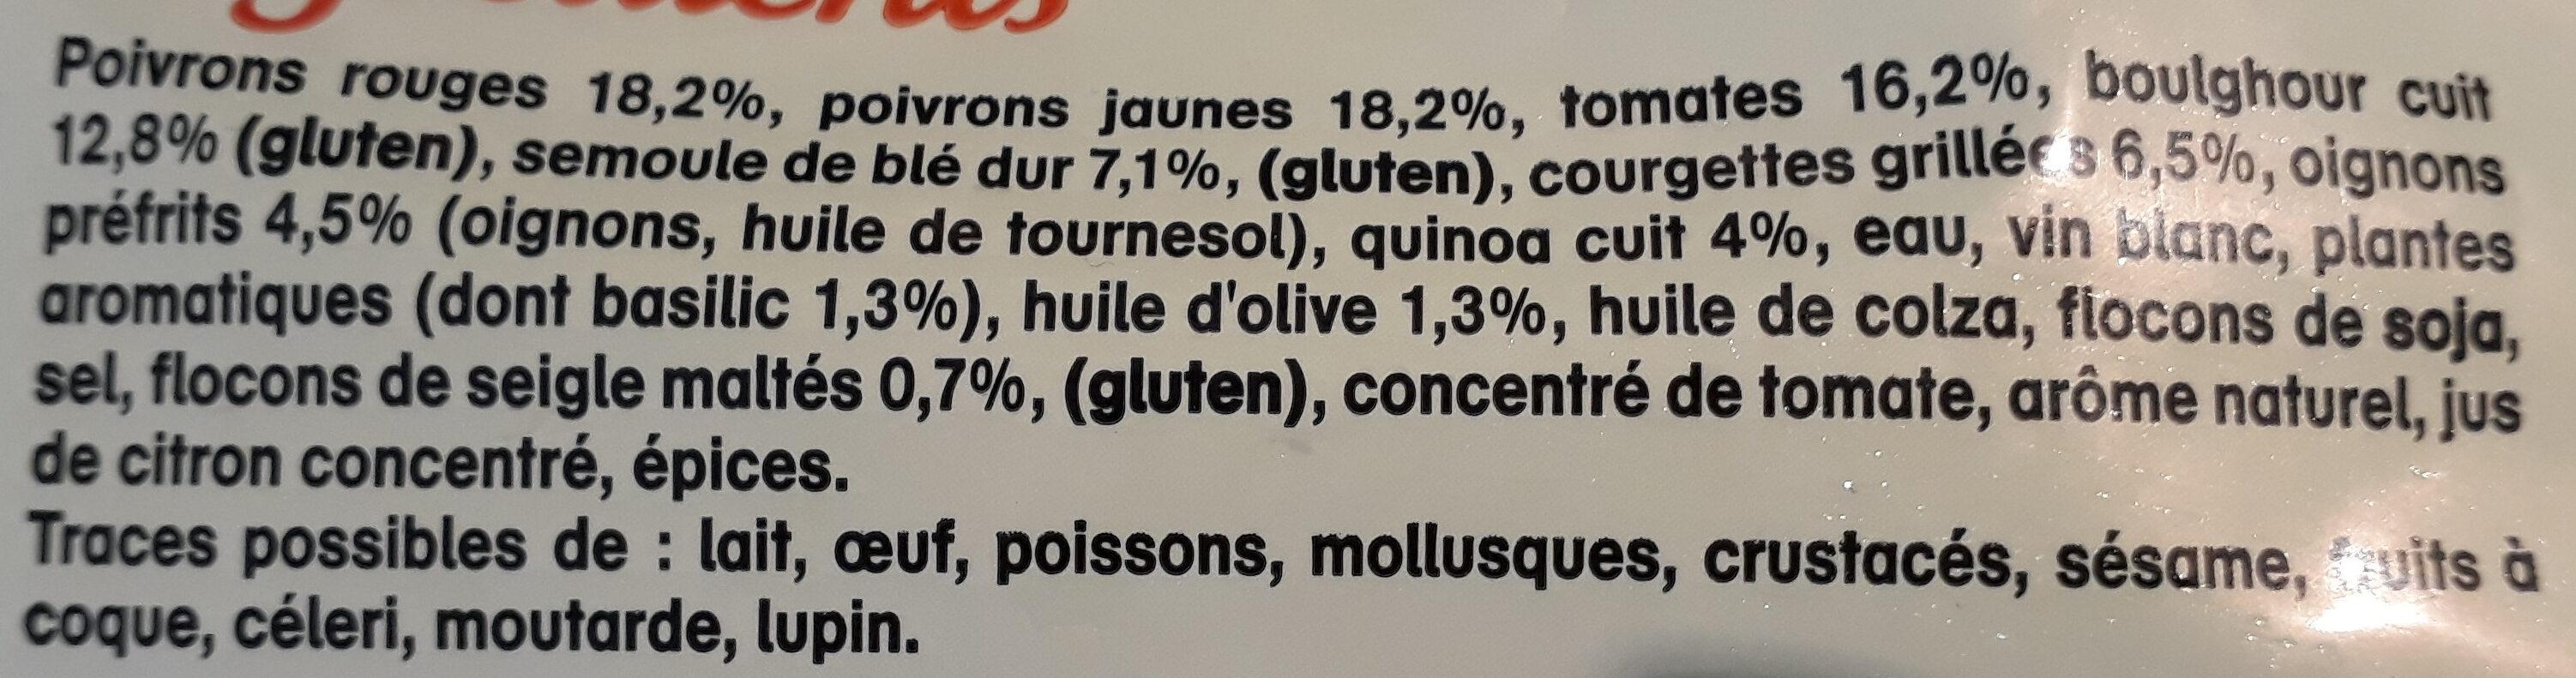 Legumes du soleil, céréales et quinoa à poêler - Ingrediënten